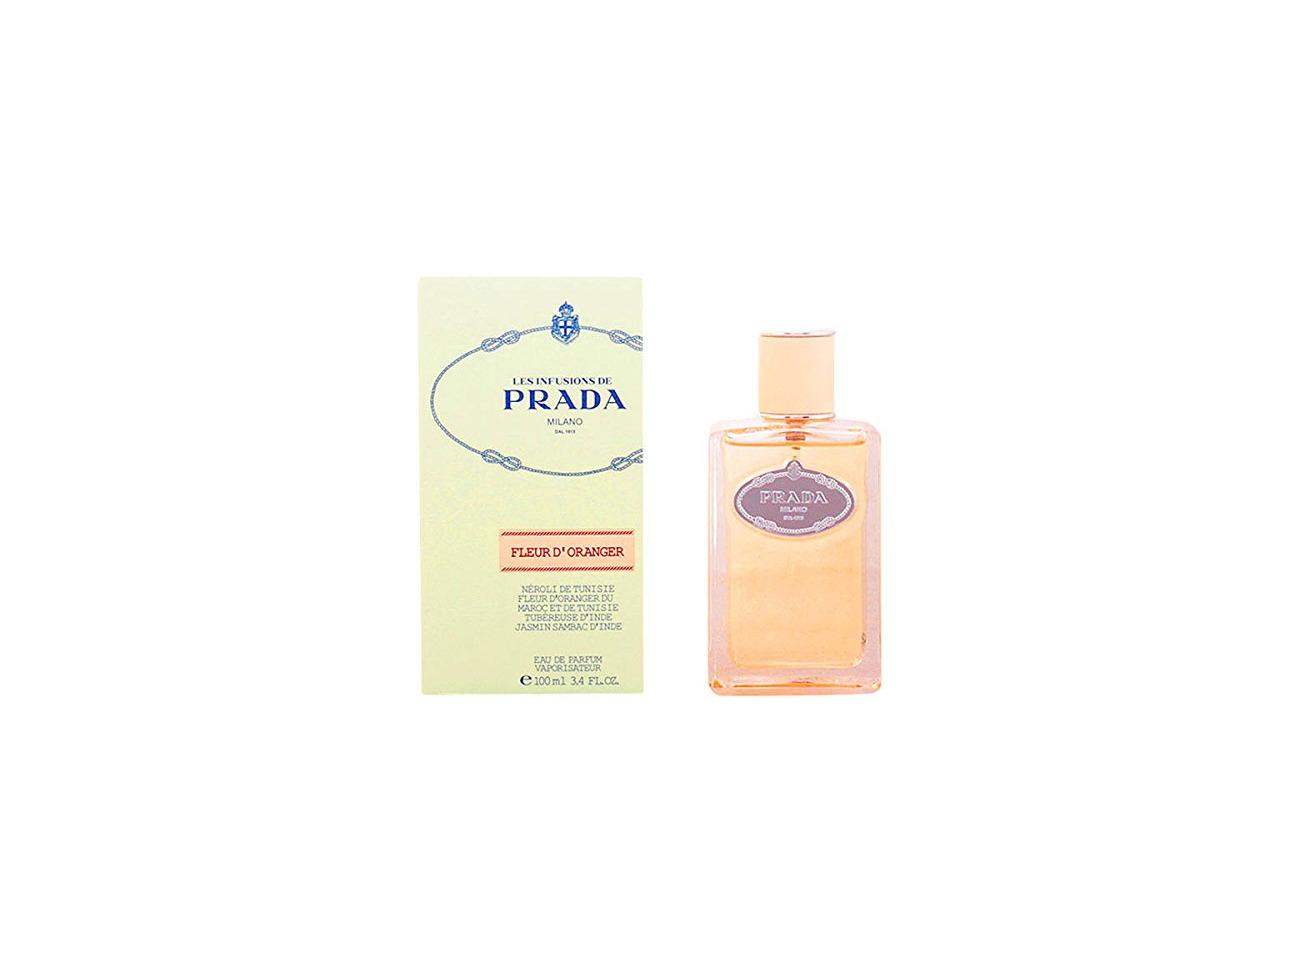 Eau 'oranger De Prada – Fleur D Infusion Linea Rossa Parfum Buy 5A3jLqc4R